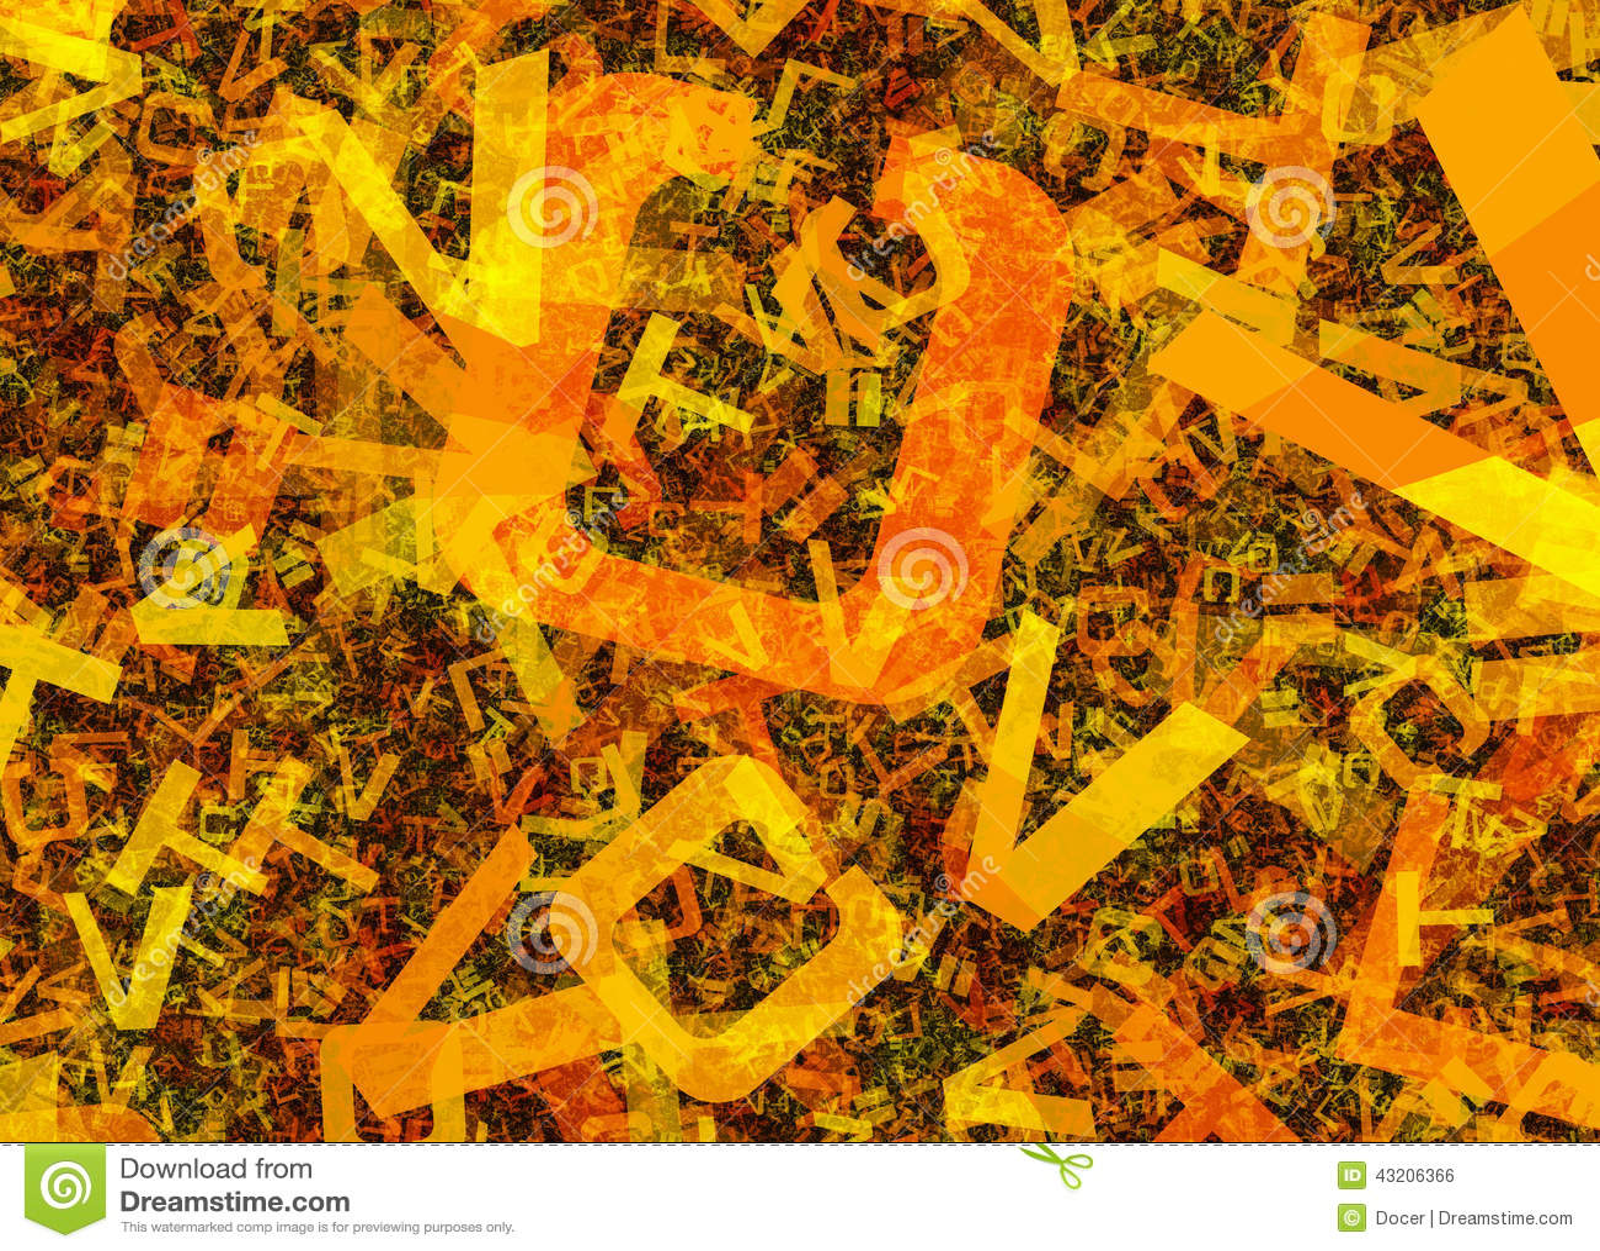 Muchas letras anaranjadas caóticas abstractas del alfabeto